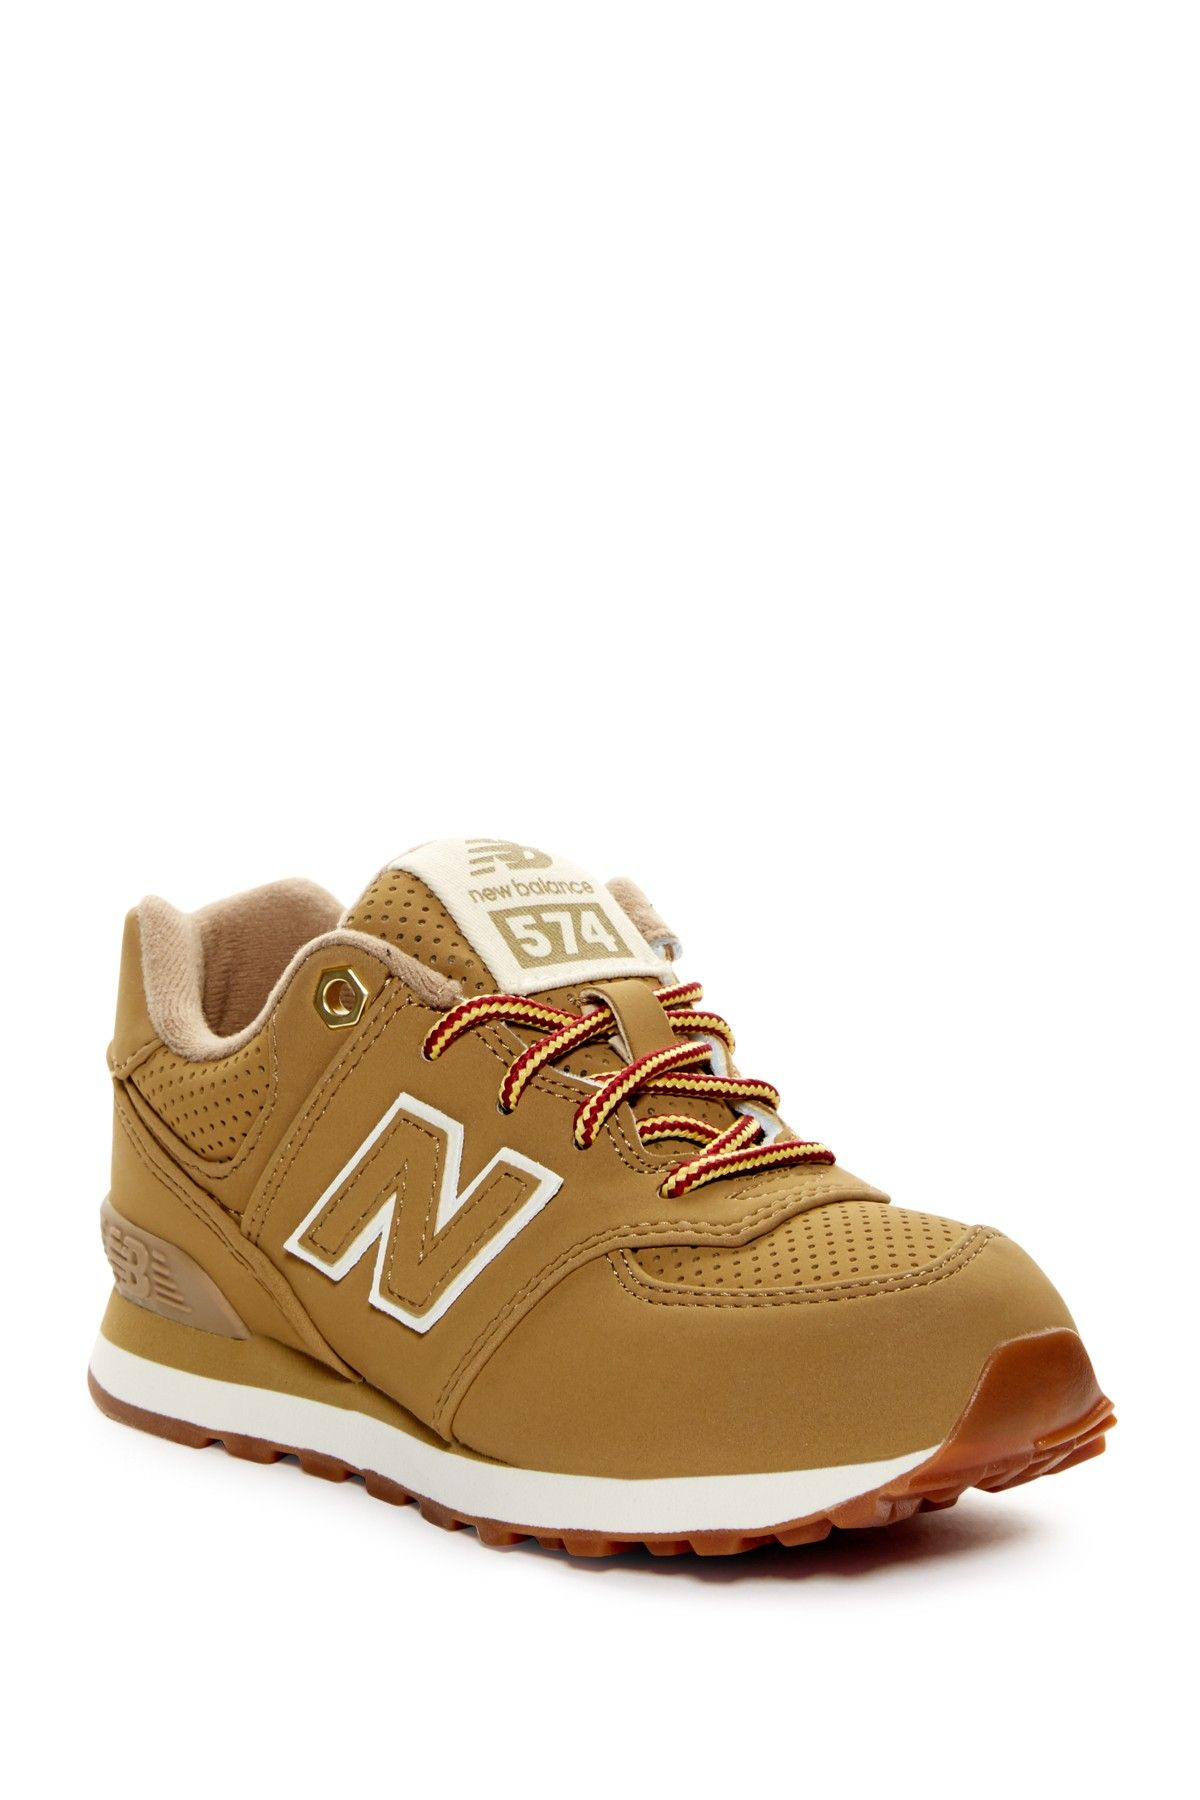 Heritage Wide Sneaker 574 Availabletoddleramp; Width Little Sport v8OwmyPNn0